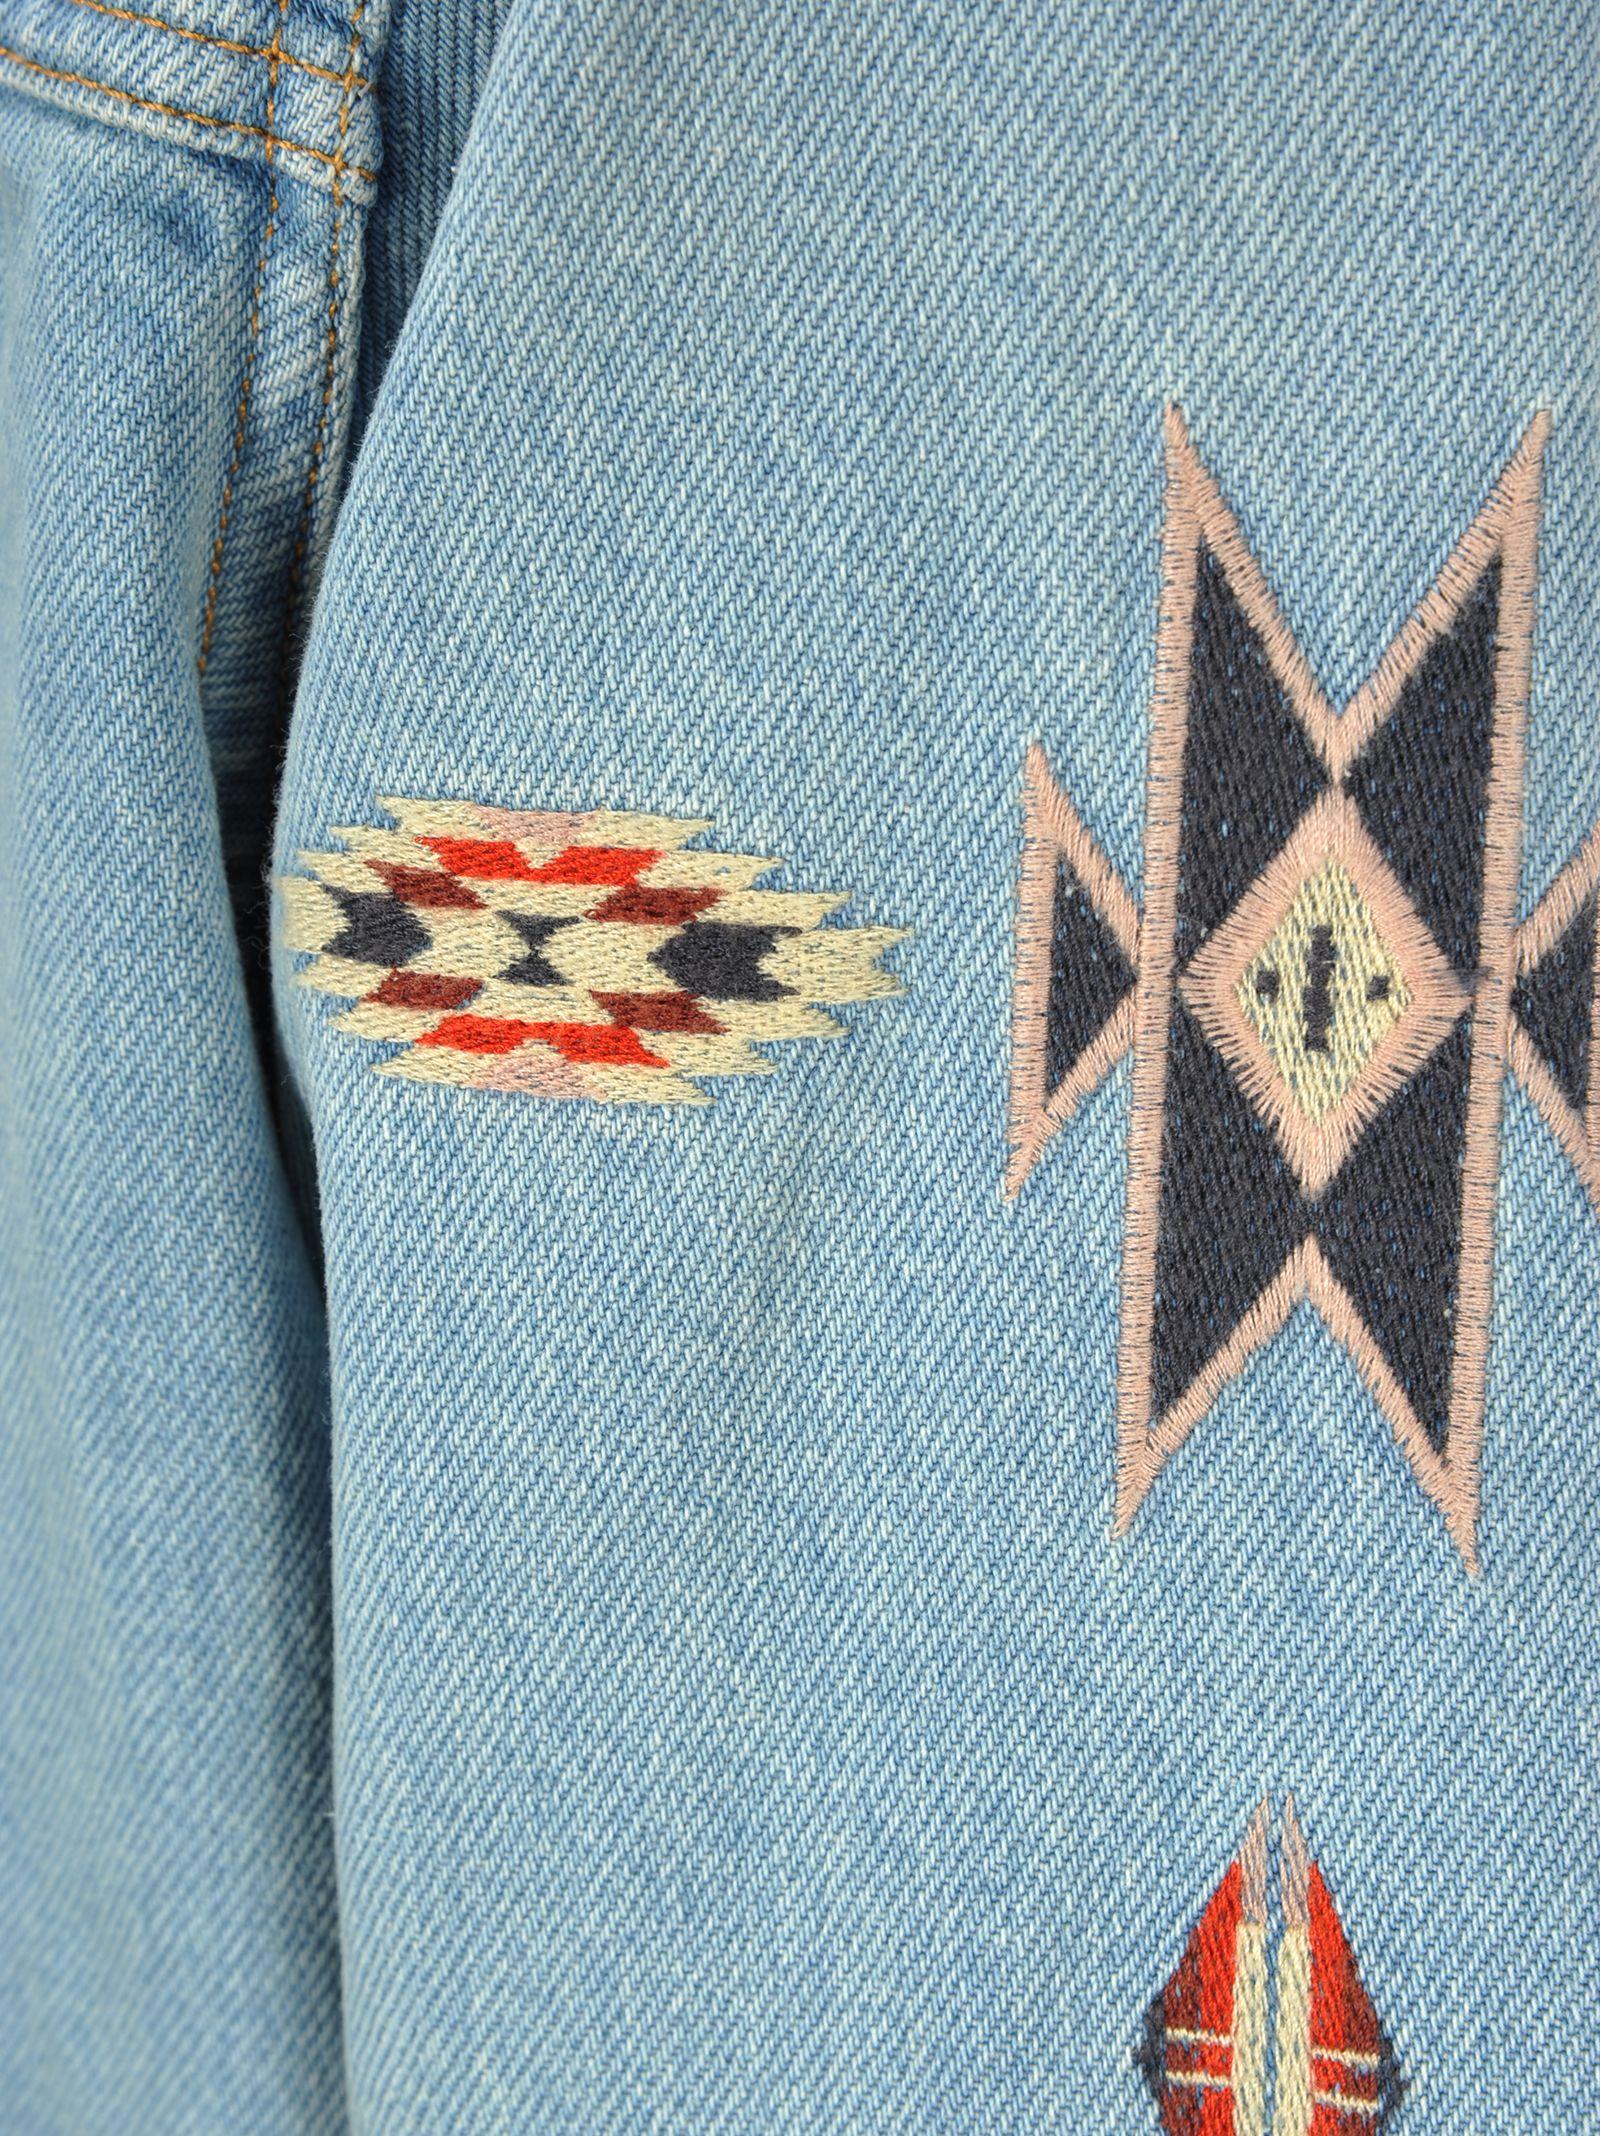 d39b06c0787 Isabel Marant Isabel Marant Jango Denim Jacket - Basic - 10818720 ...